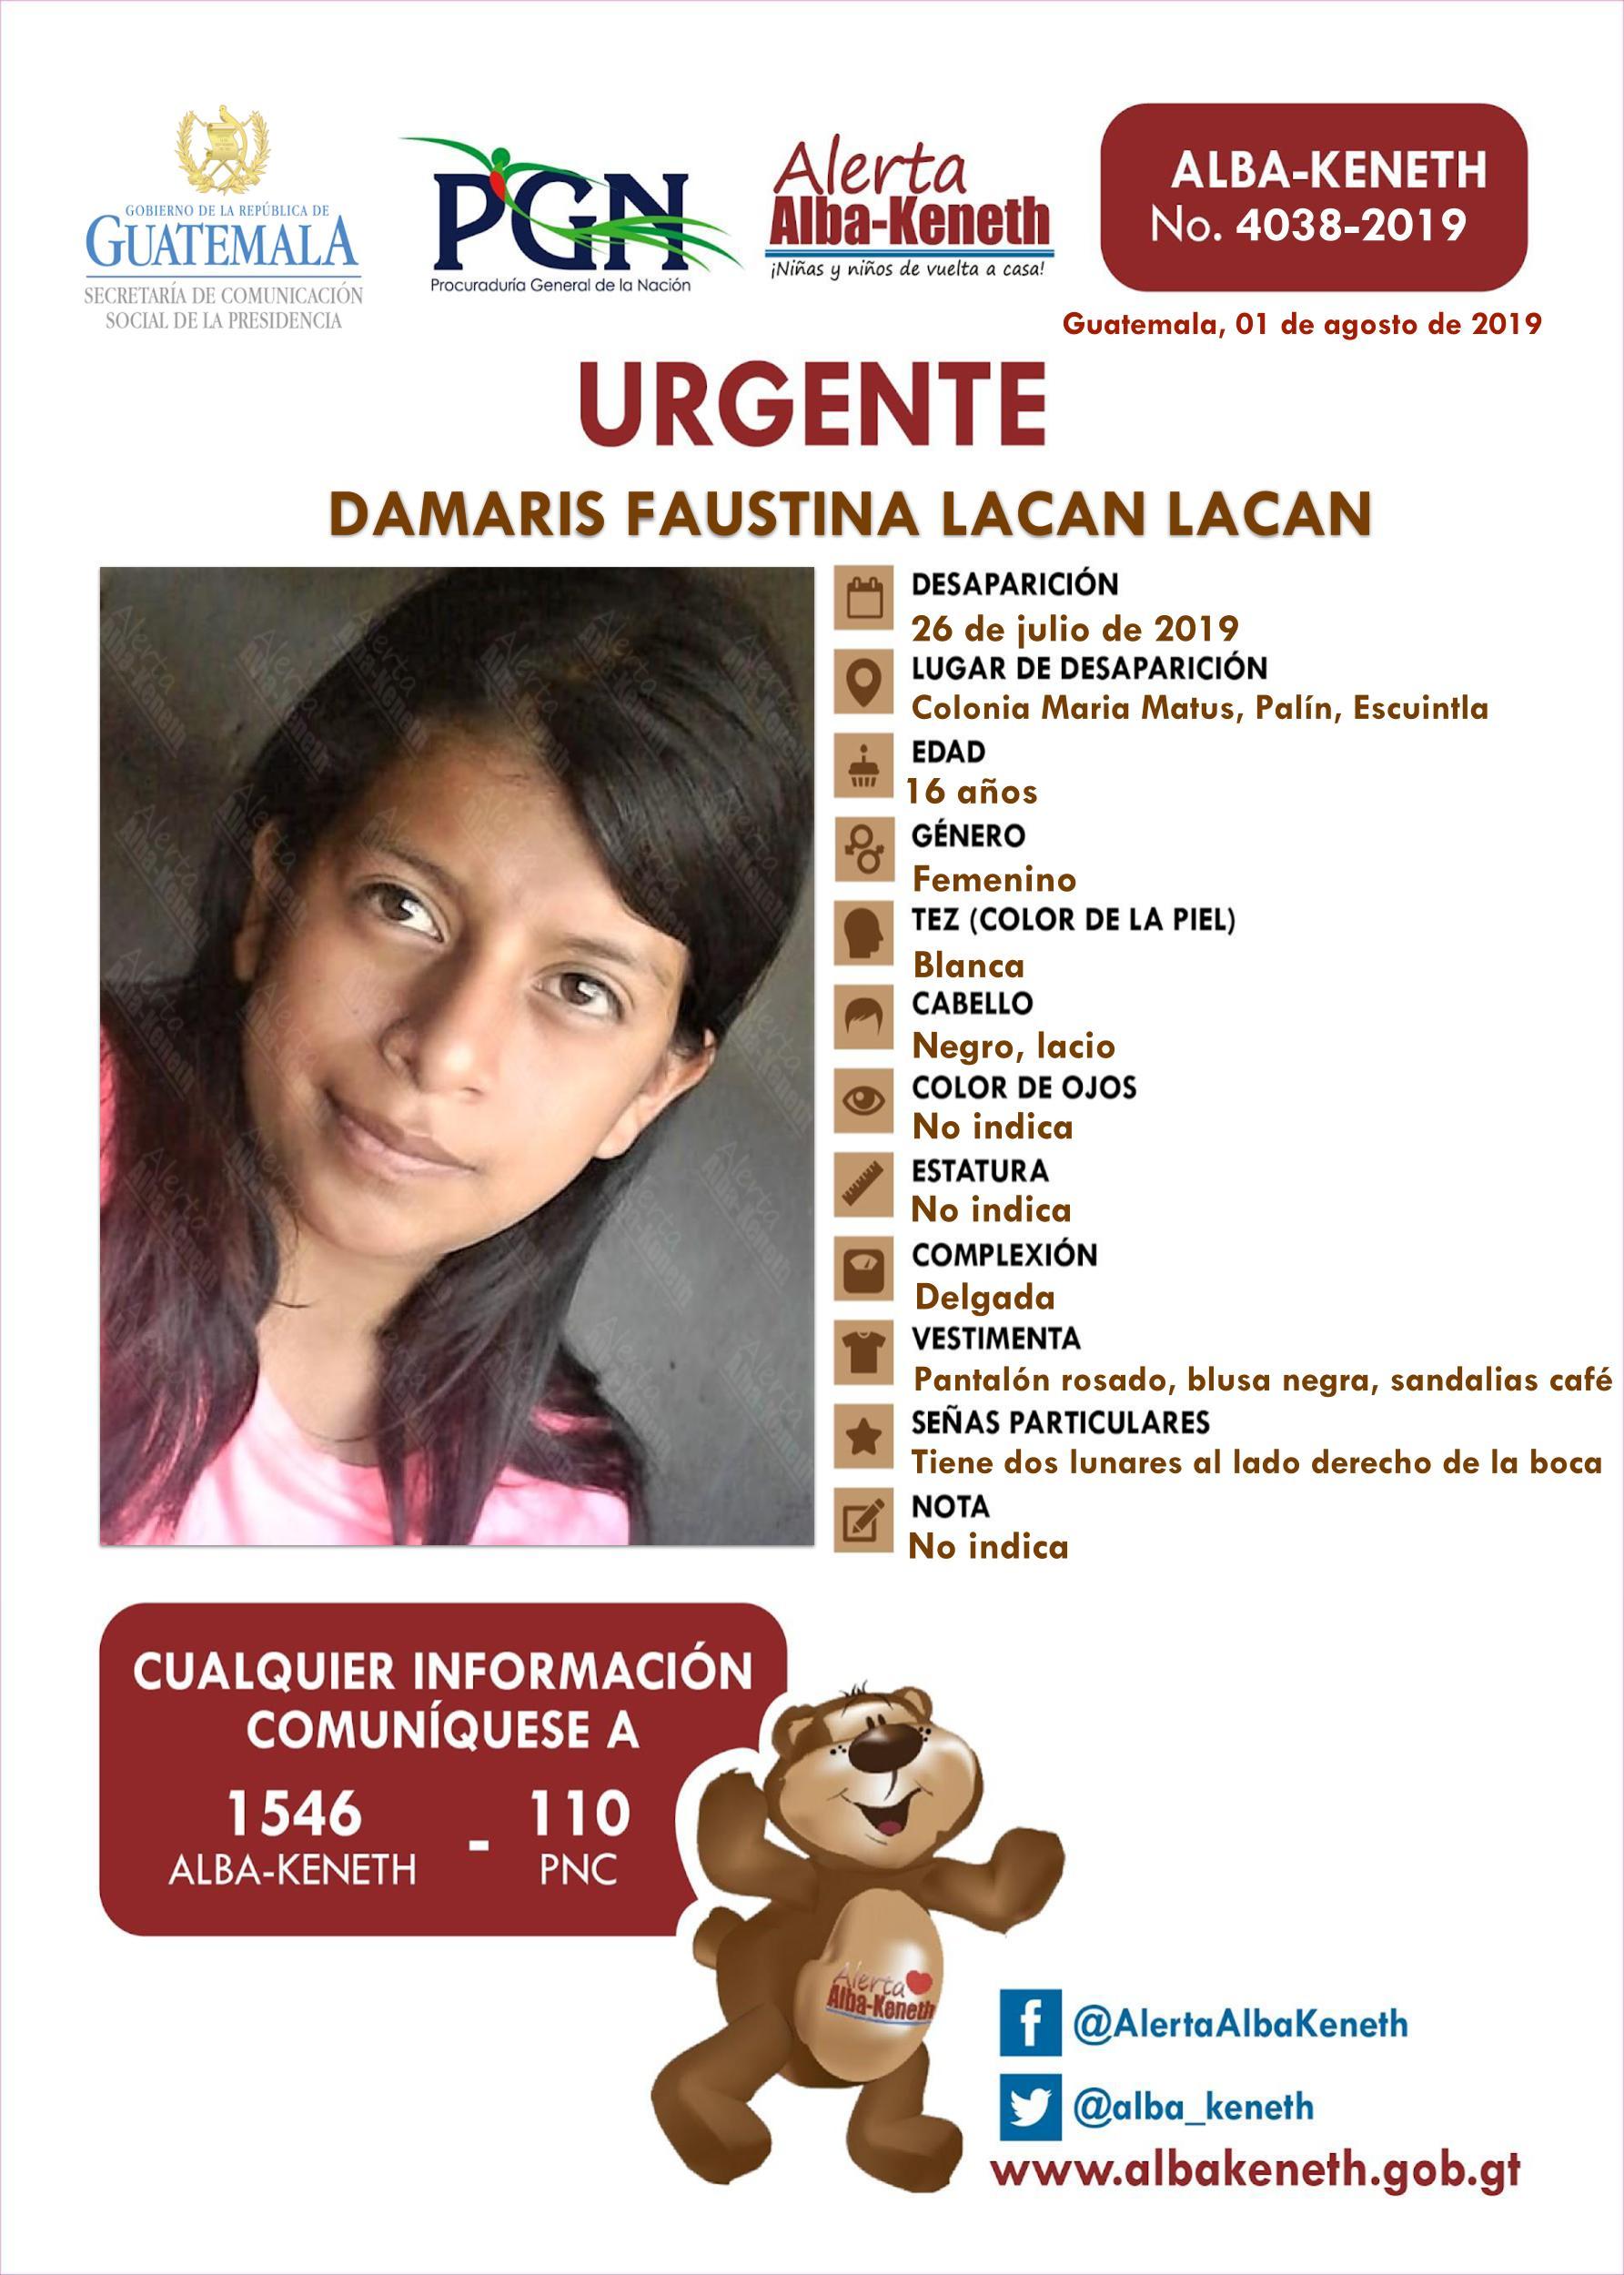 Damaris Faustina Lacan Lacan